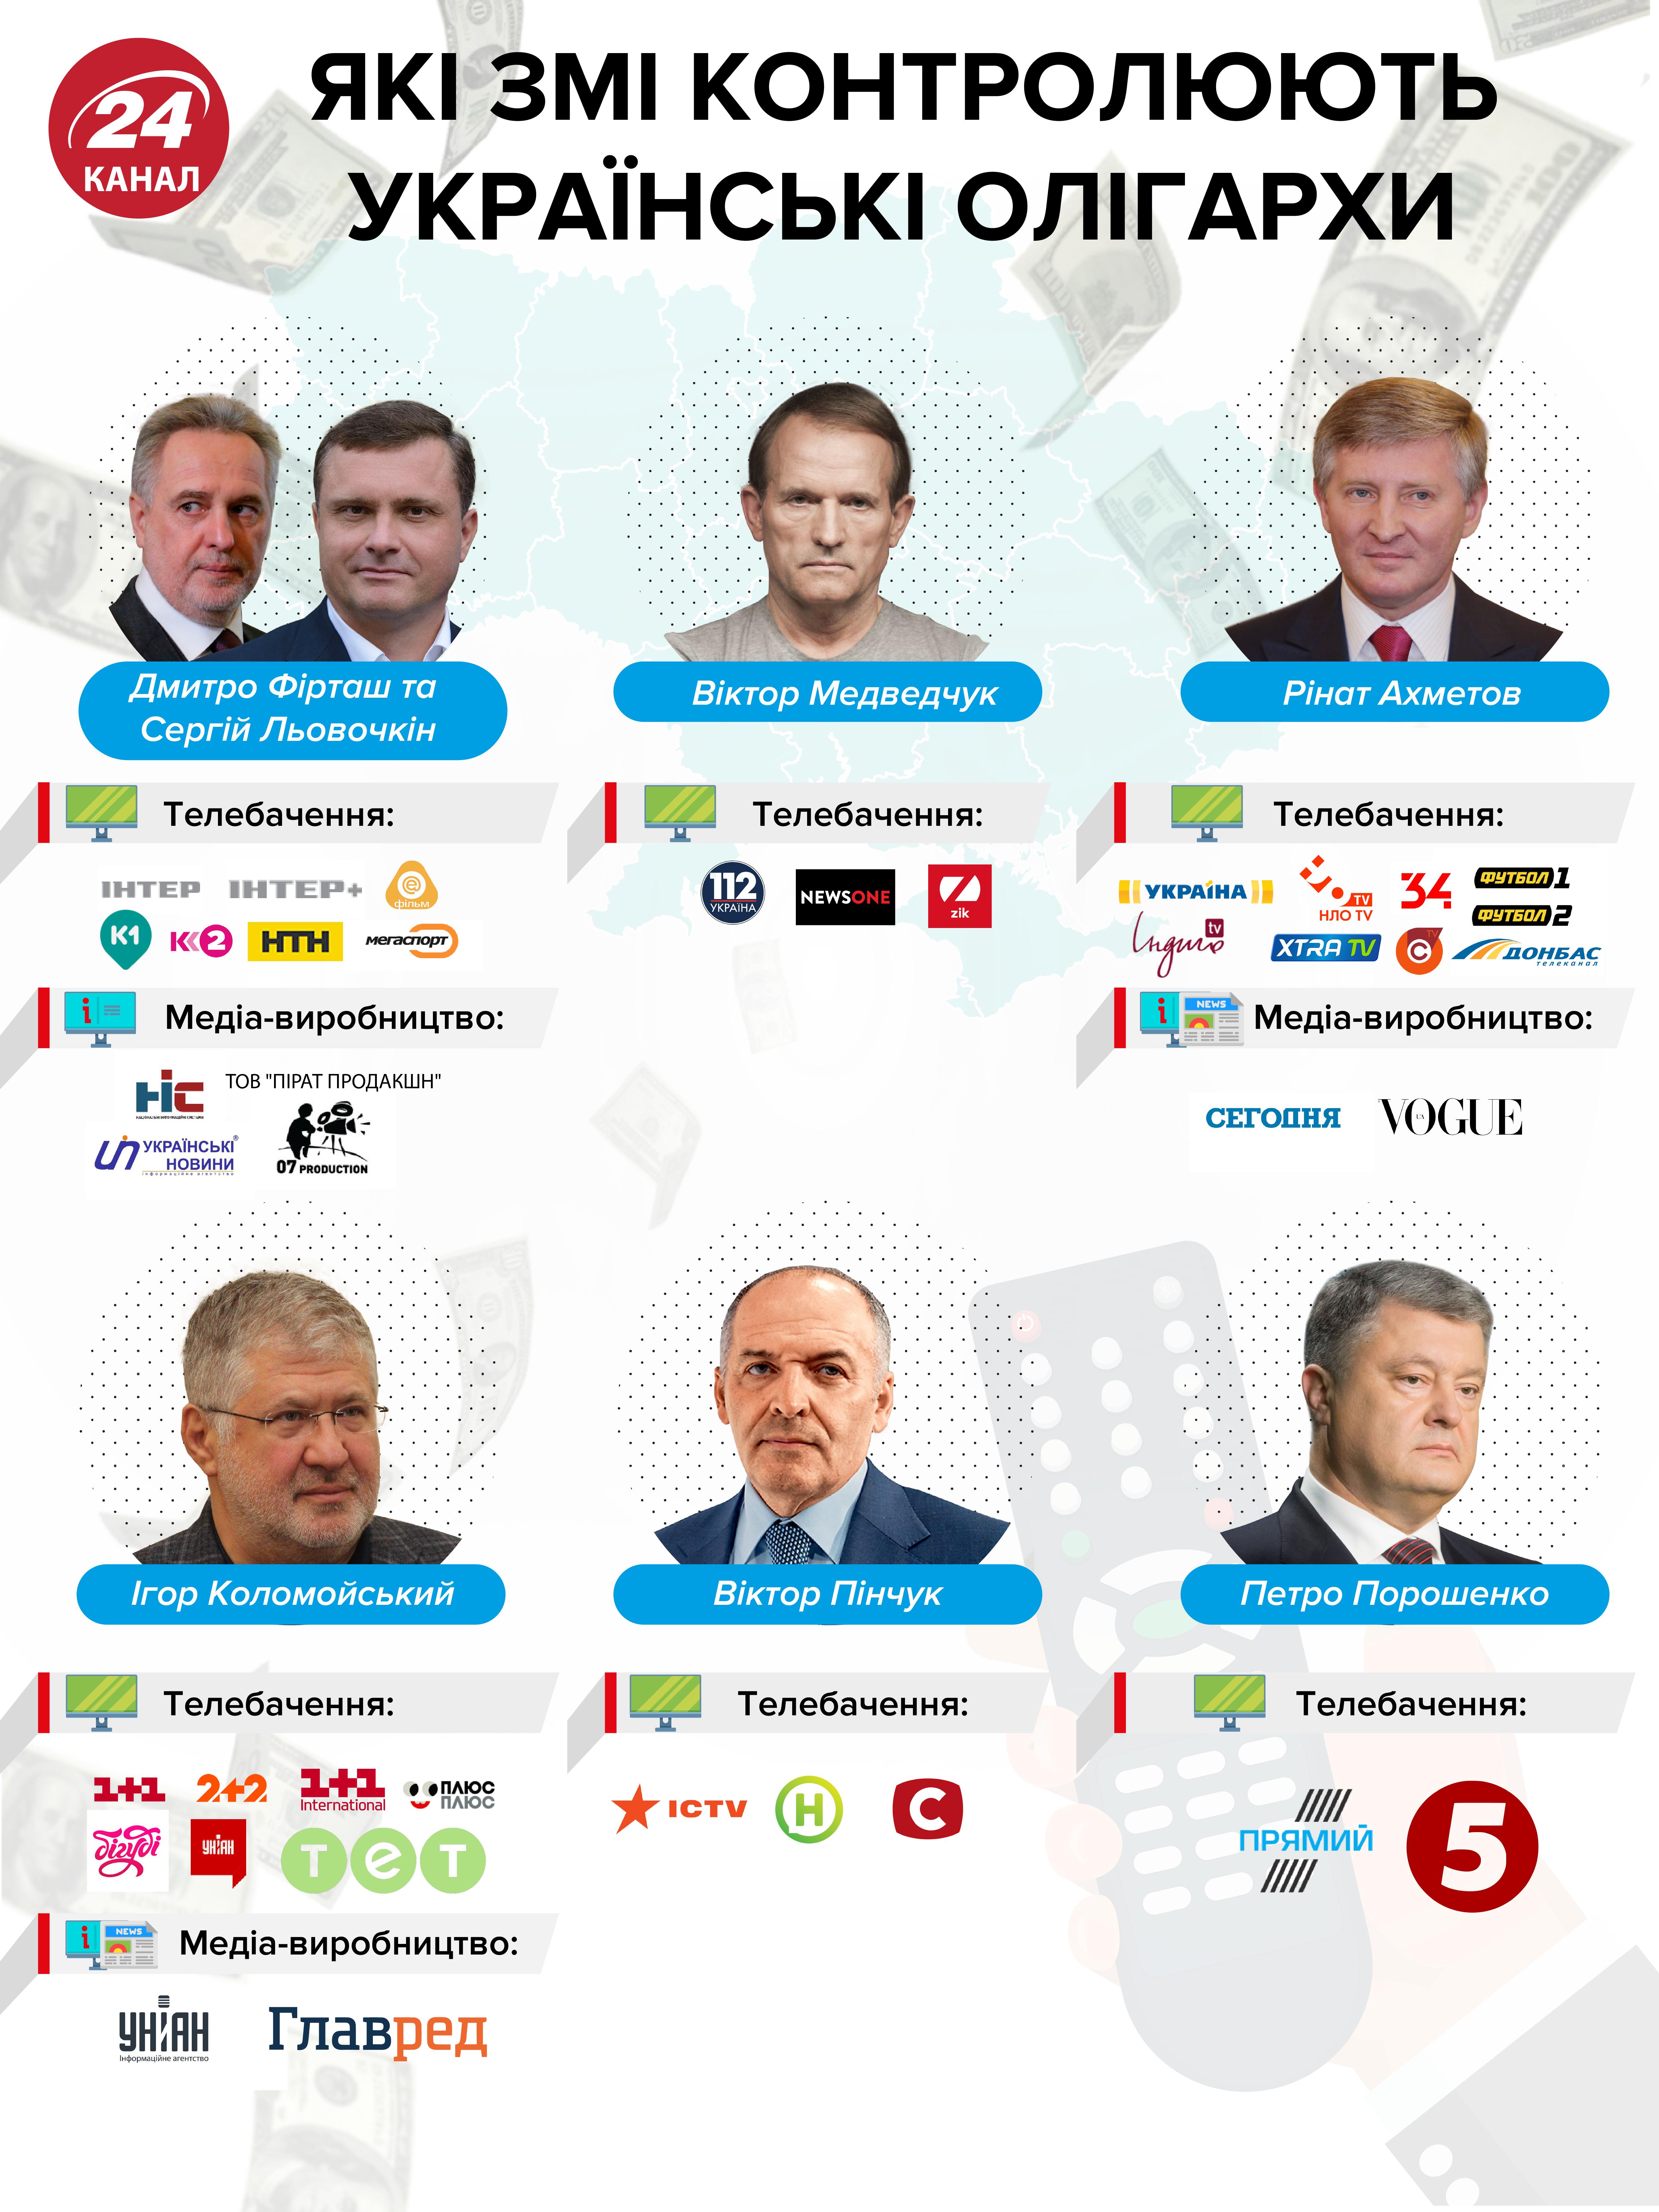 власники телеканалів Україна олігархи 112 Україна